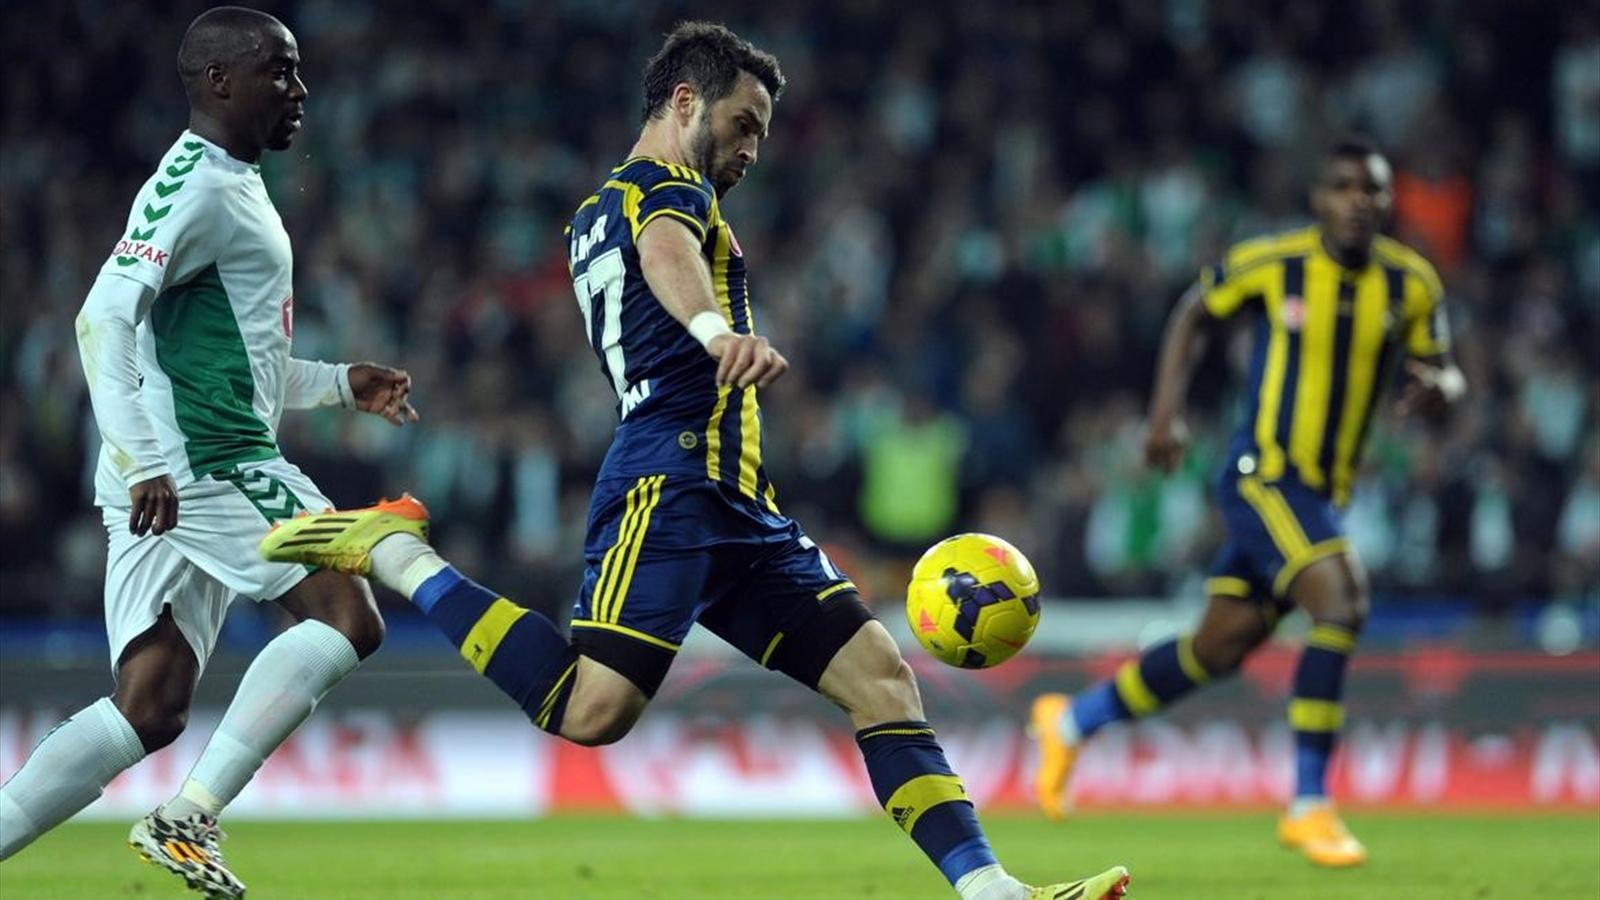 Konyaspor - Fenerbahçe (Gökhan Gönül)